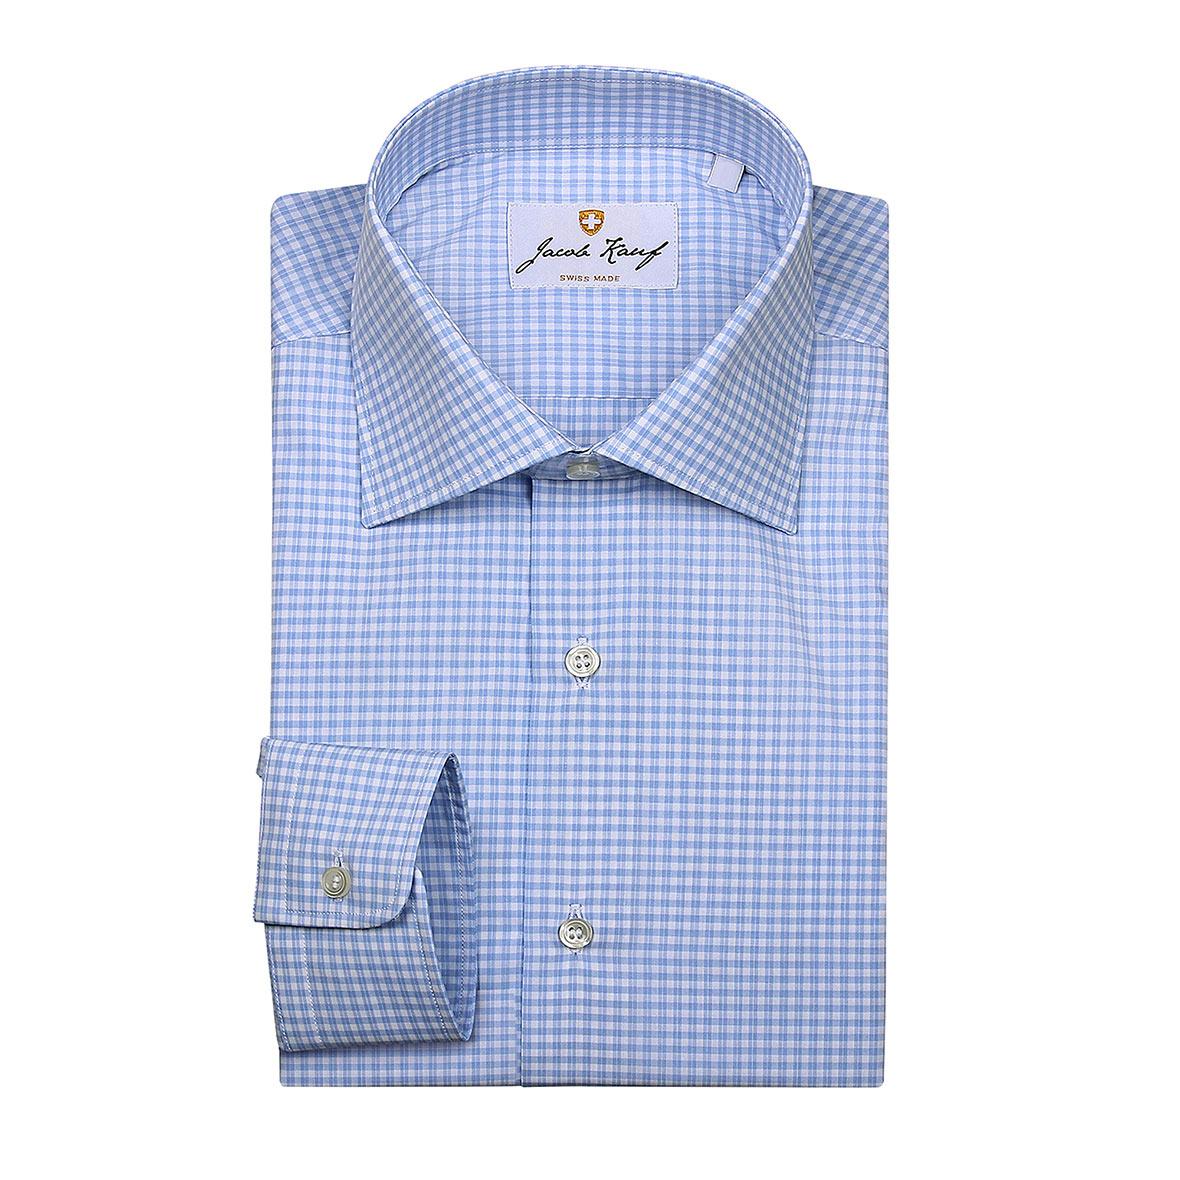 schweizer hemd jacob kauf, kariert, blau weiss